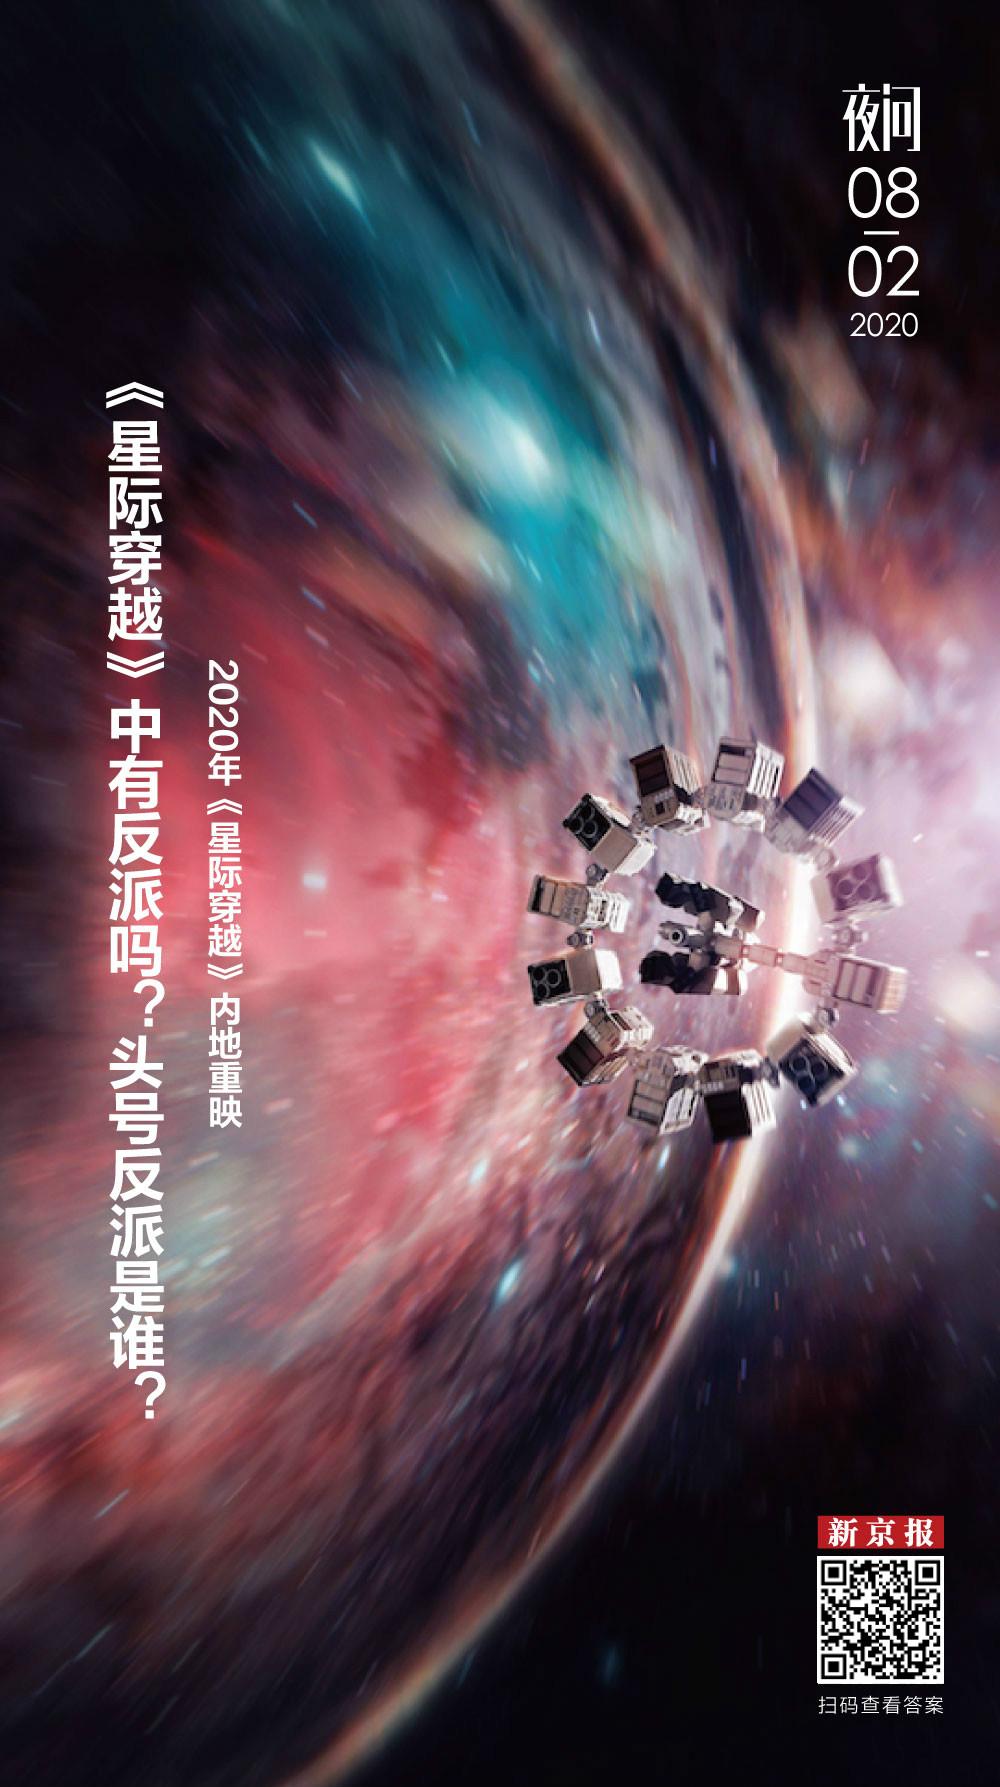 《星际穿越》复映,请记得这个全片中的大反派丨夜问